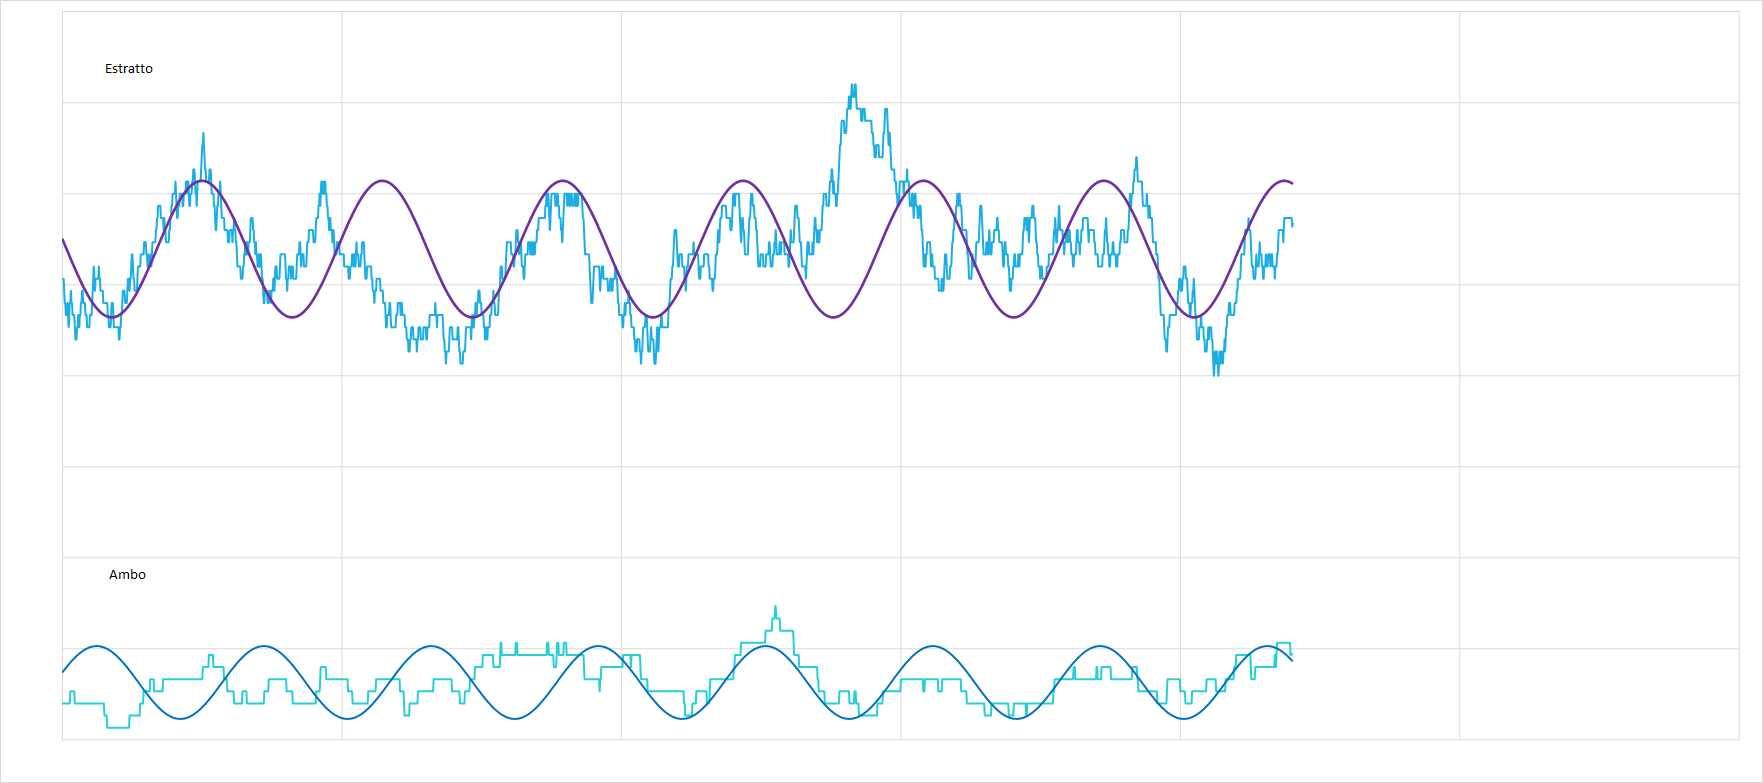 Ipotetico andamento sinusoidale interpolante per le medie dell'estratto e dell'ambo - Aggiornato all'estrazione precedente il 15 Aprile 2021